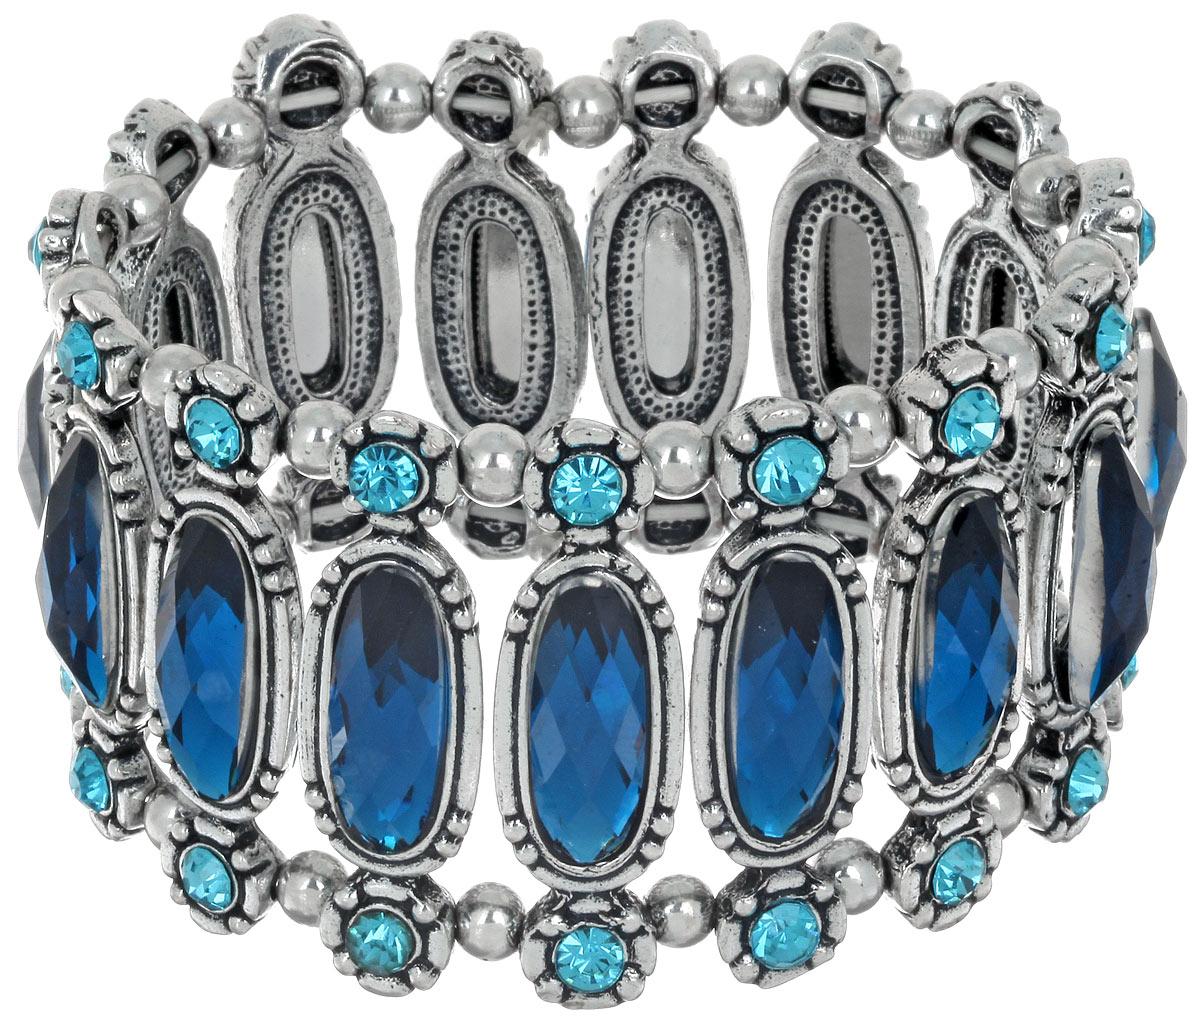 Браслет Taya, цвет: серебристый, синий. T-B-6793T-B-6793-BRAC-SL.BLUEСтильный женский браслет Taya, выполненный из металлического сплава, дополнен стеклянными стразами. Элементы браслета соединены с помощью тонкой резинки, благодаря которой изделие легко снимается и надевается. Размер универсальный. Браслет Taya - это модный стильный аксессуар, призванный подчеркнуть индивидуальность и очарование его обладательницы.